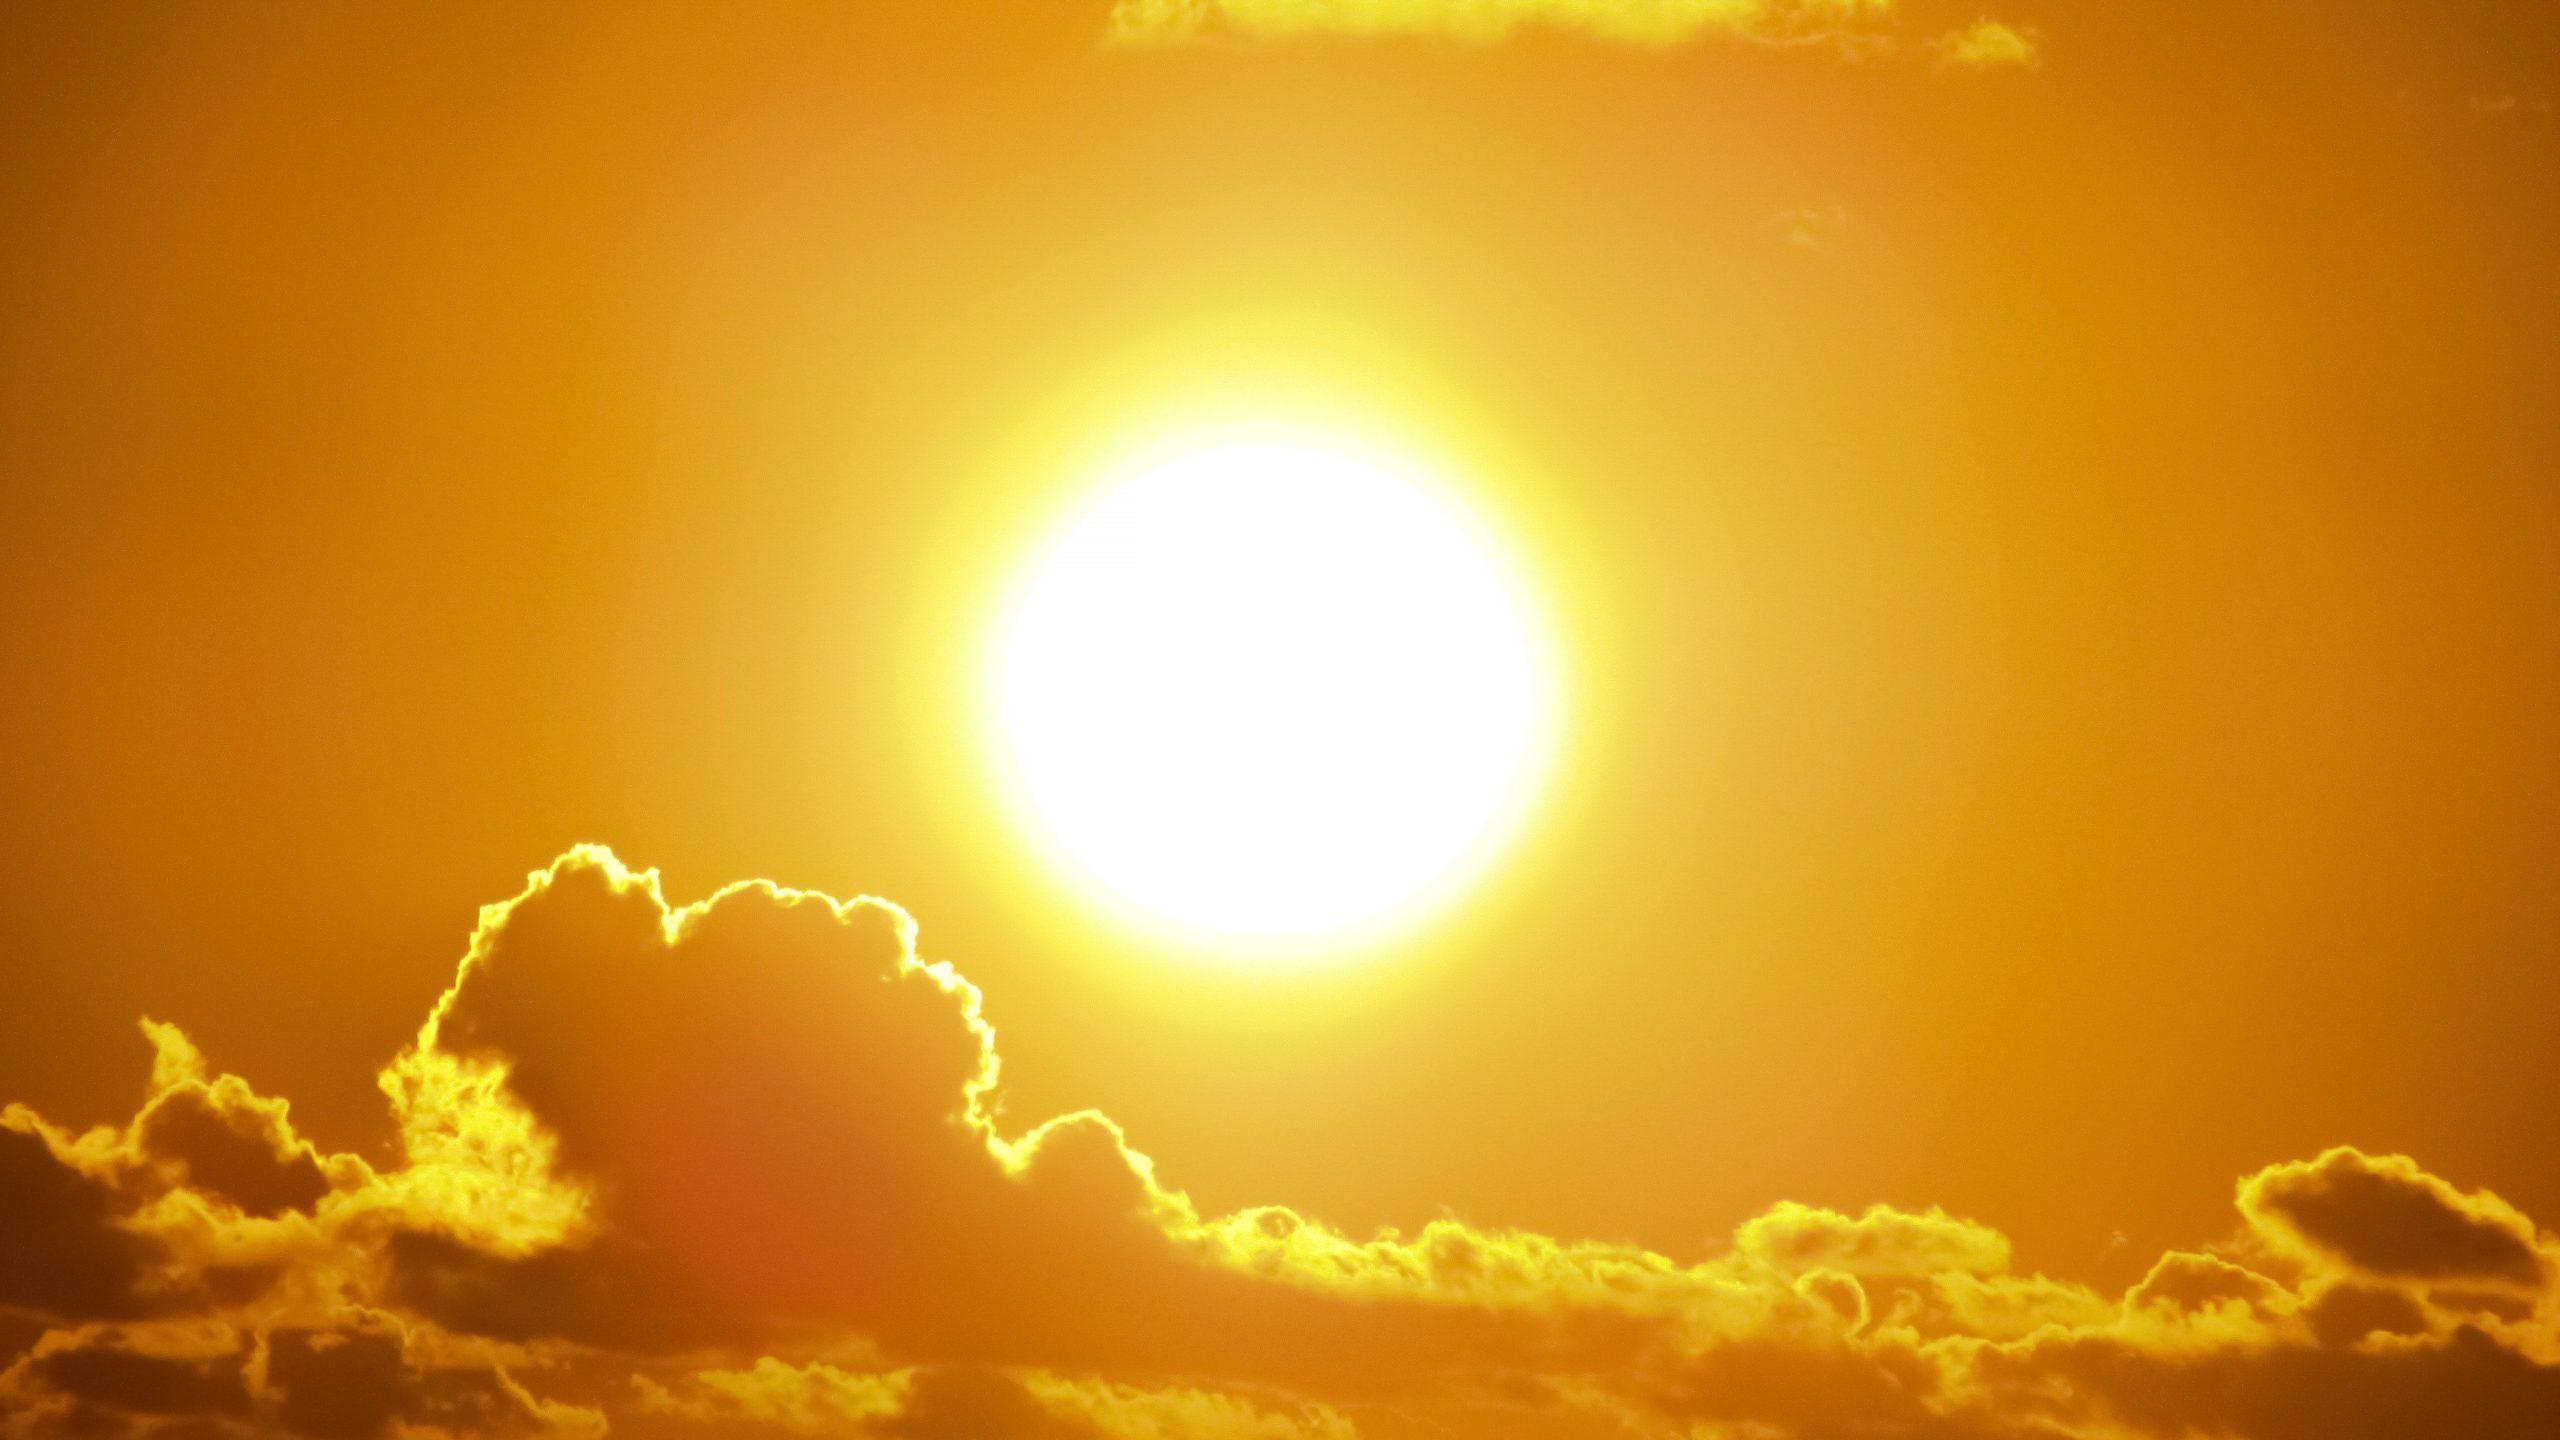 un dia soleado caluroso